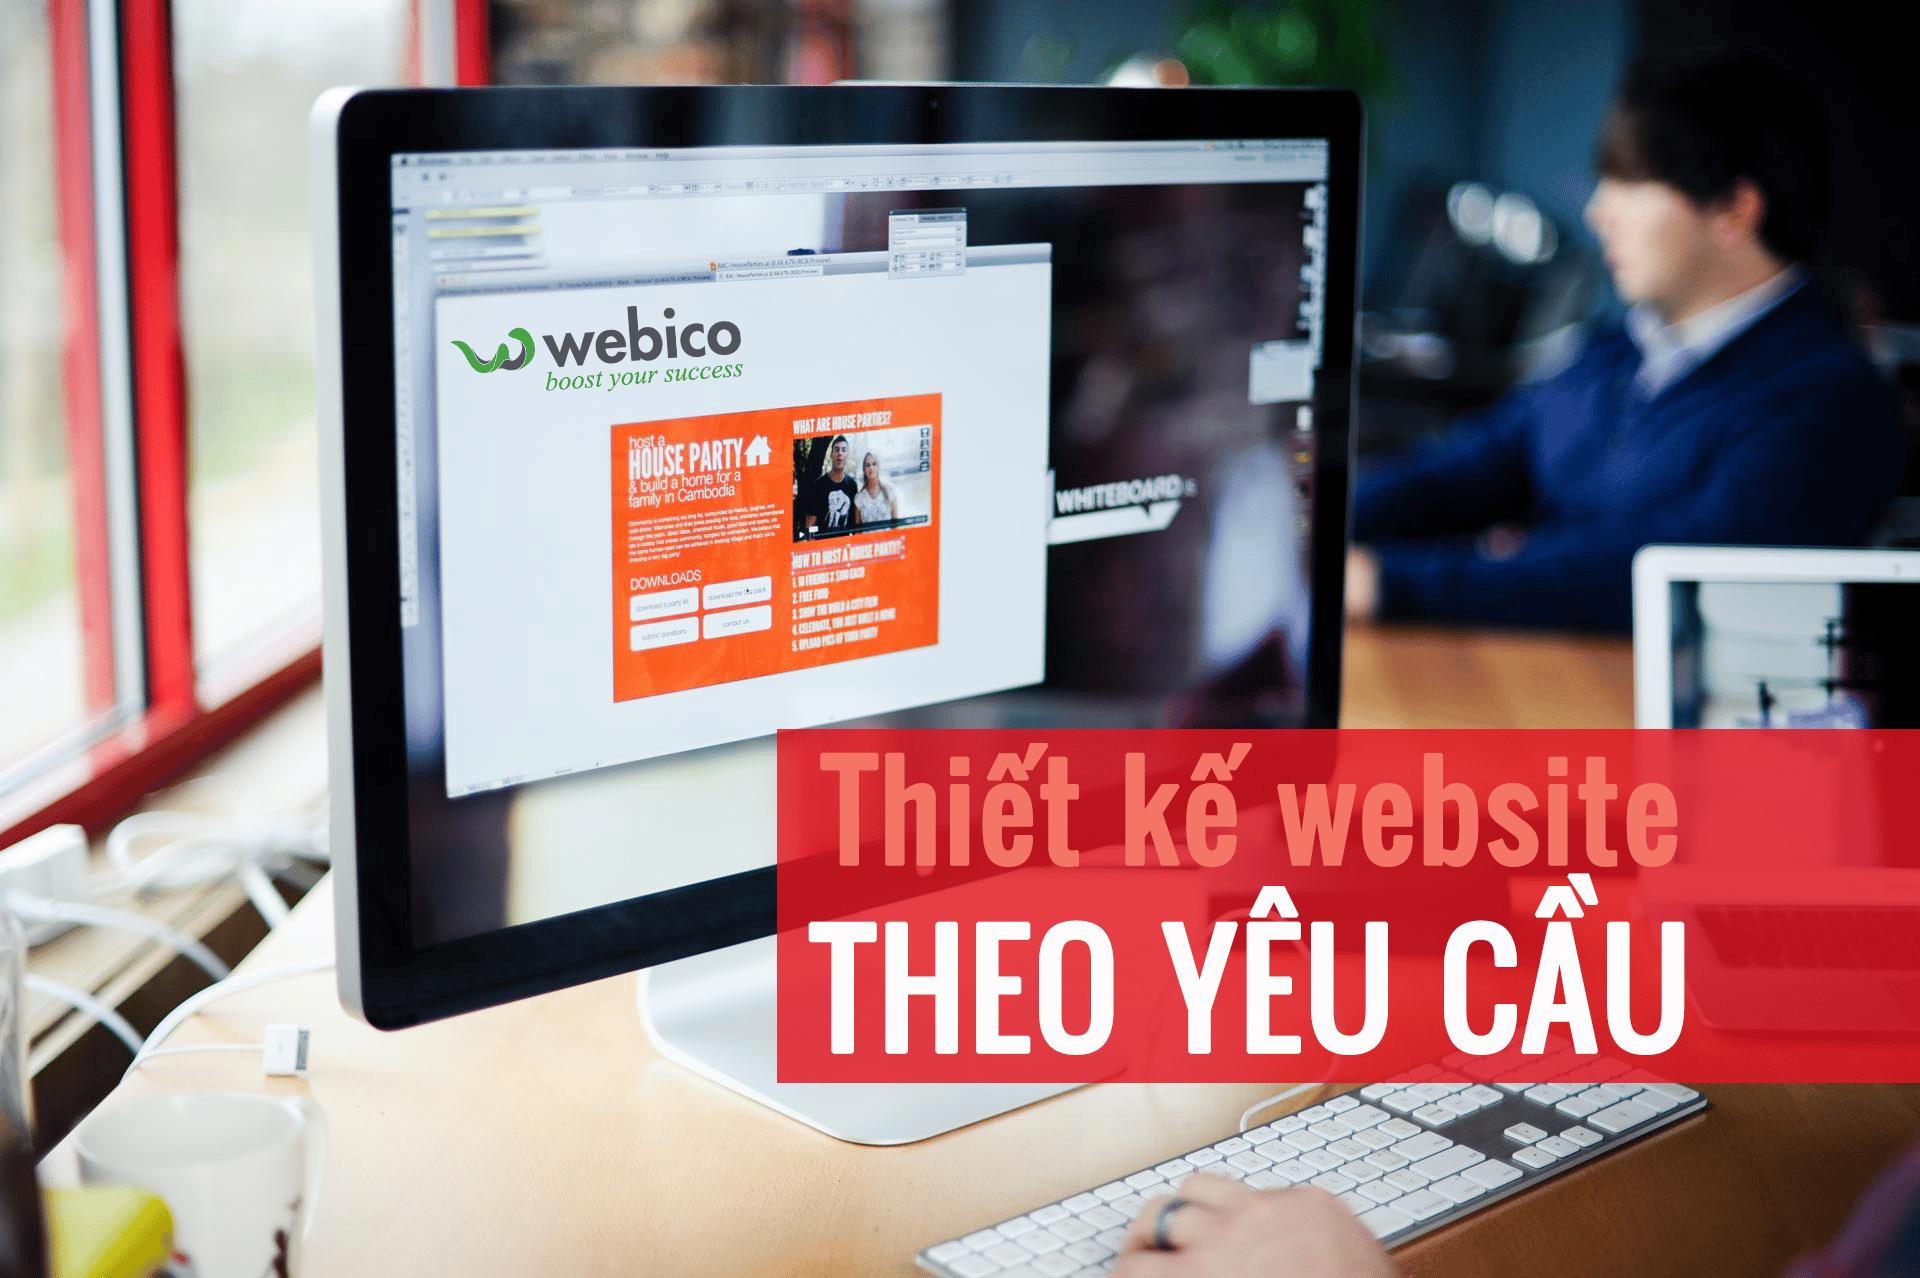 Thiết kế website theo yêu cầu chuyên nghiệp và hiện đại